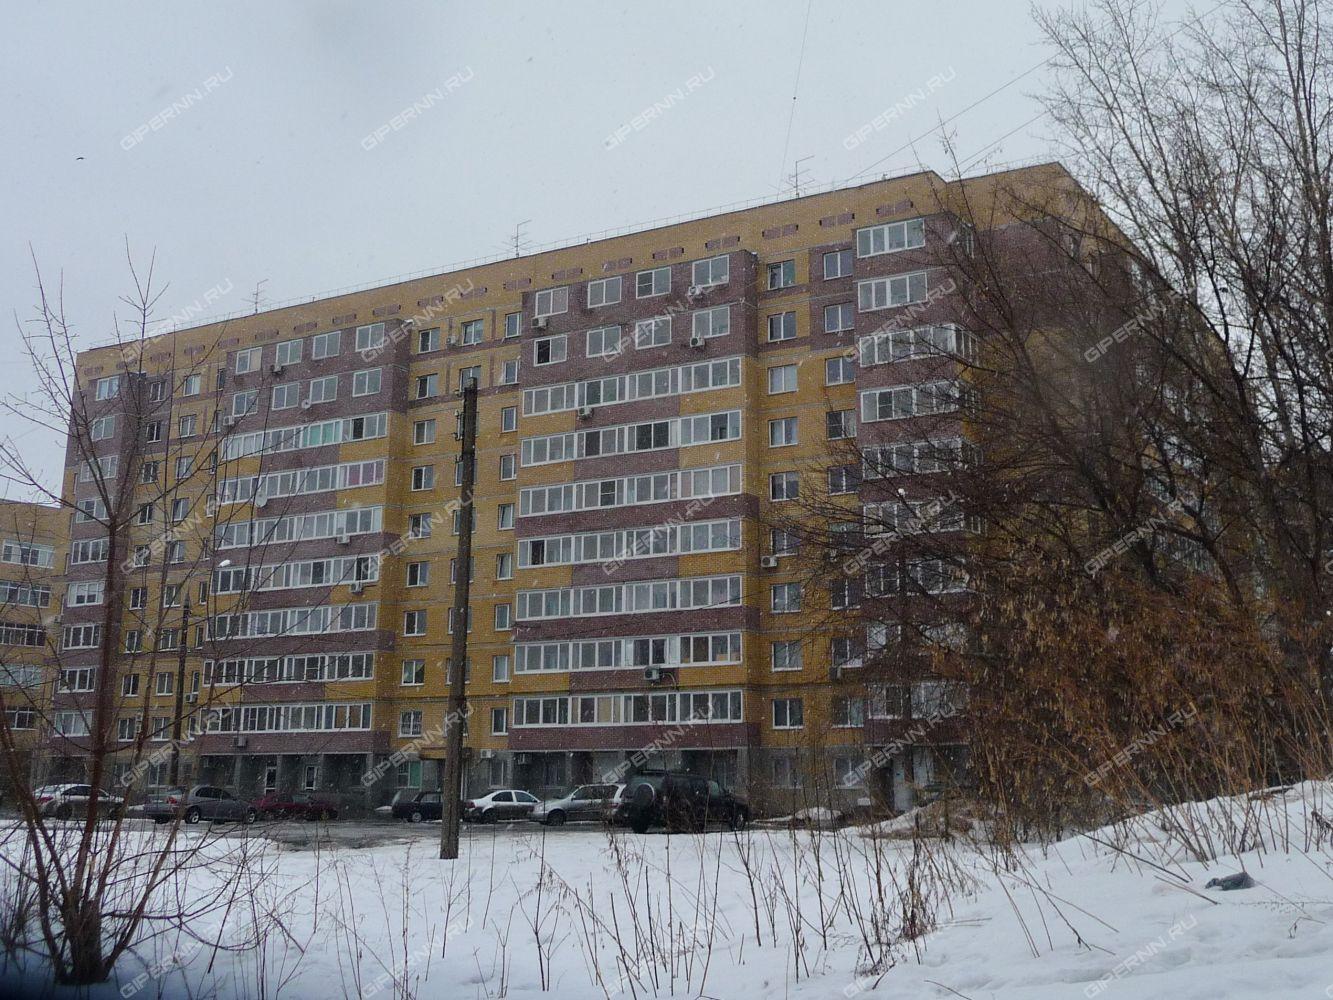 Узаконить перепланировку квартиры 🔓 через суд: документы